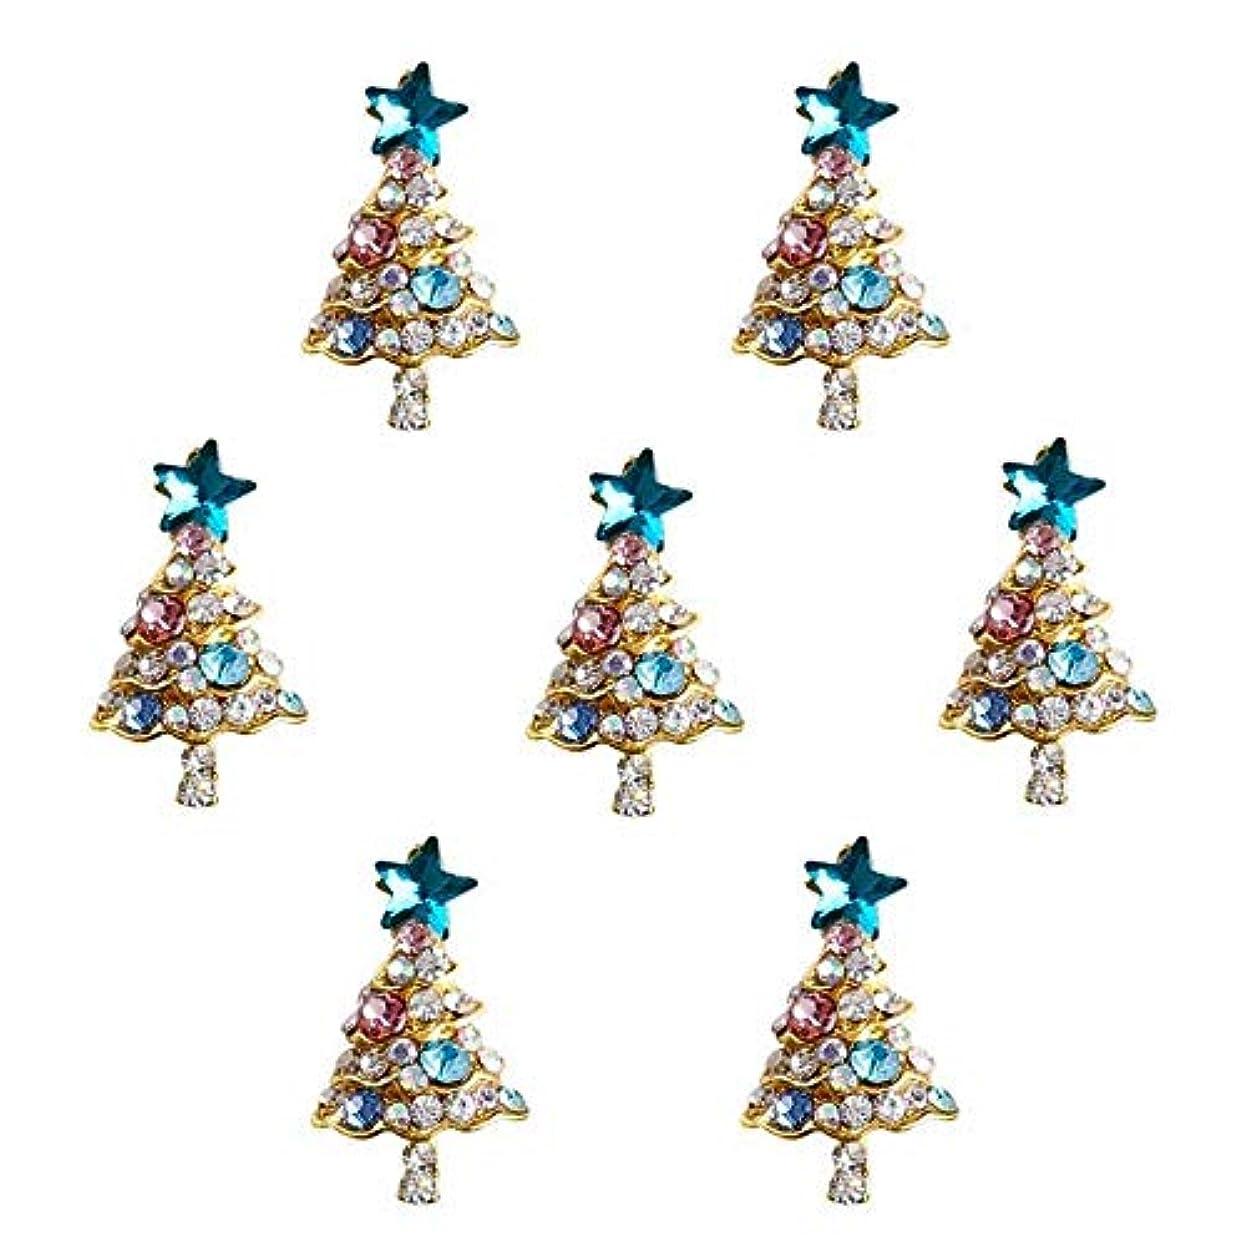 現れるアスリートレポートを書く10個入り/ロット3Dラインストーンの装飾ブルーグリッタースタークリスマスツリーのデザイン接着剤ネイルアートDIYスタッドは、合金用品